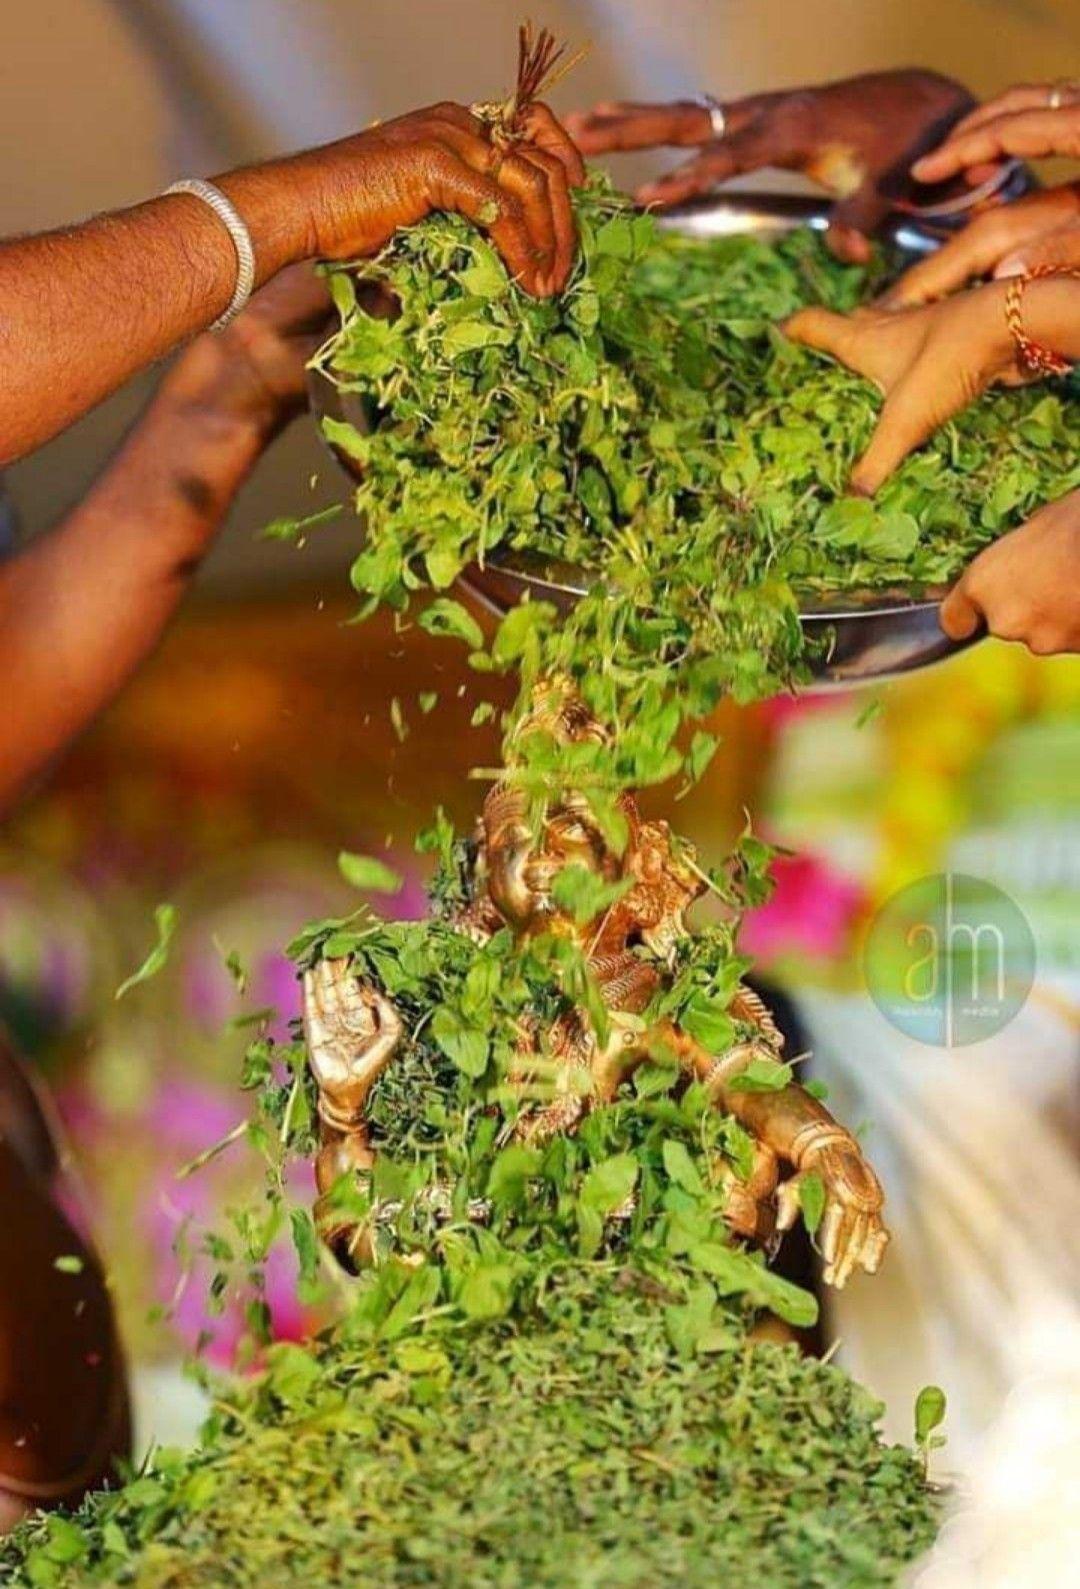 Pin by Angel on சுவாமியே சரணம் ஐயப்பா in 2020 Herbs